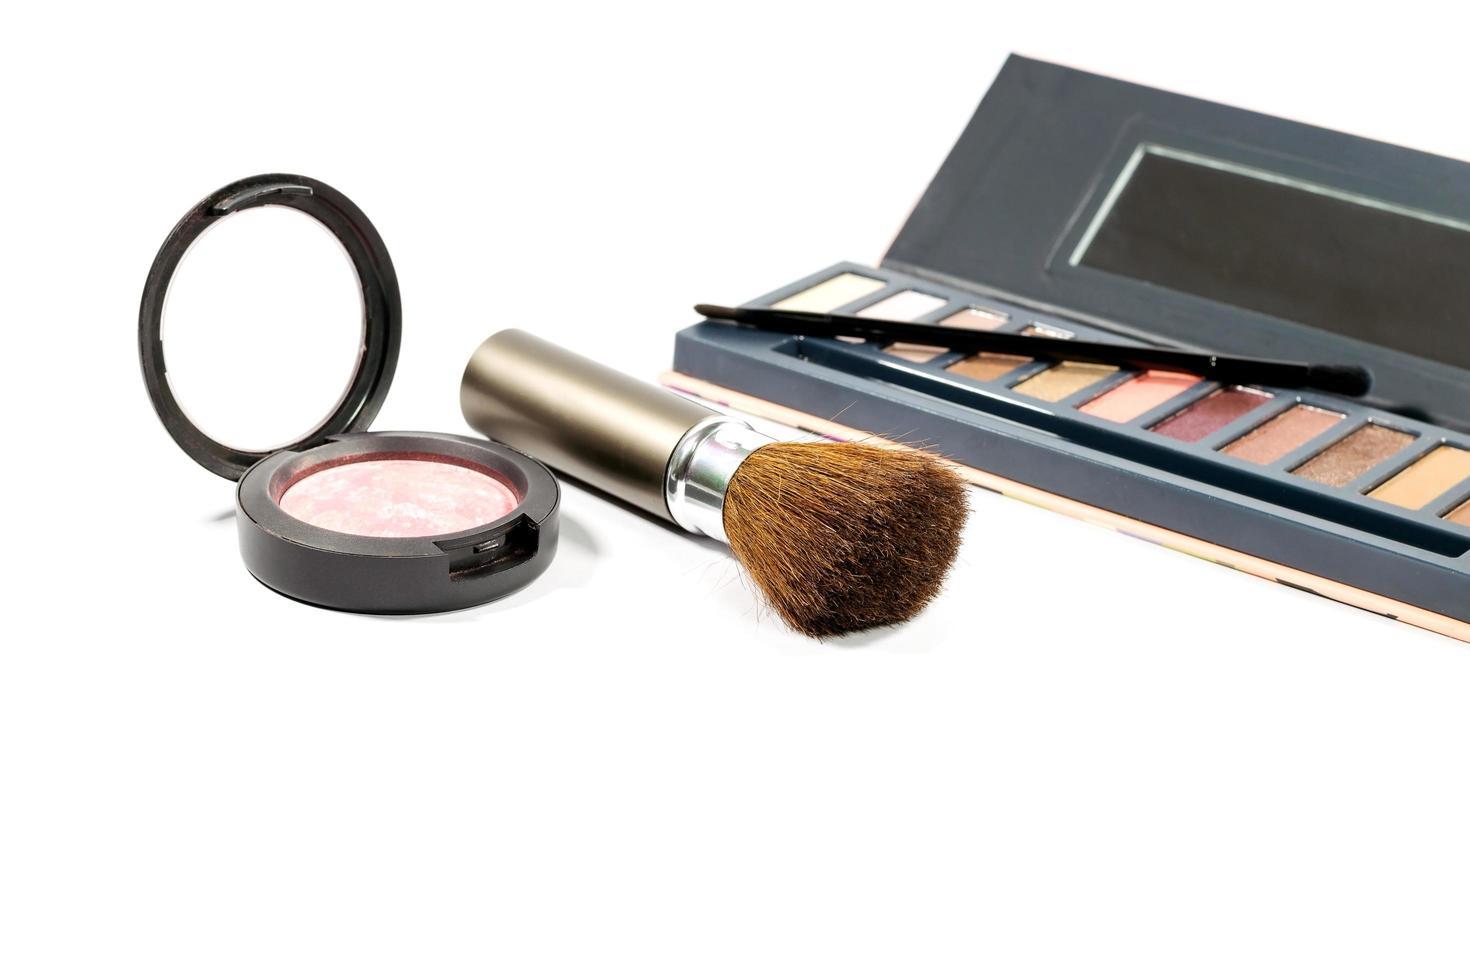 brocha y polvos de maquillaje foto